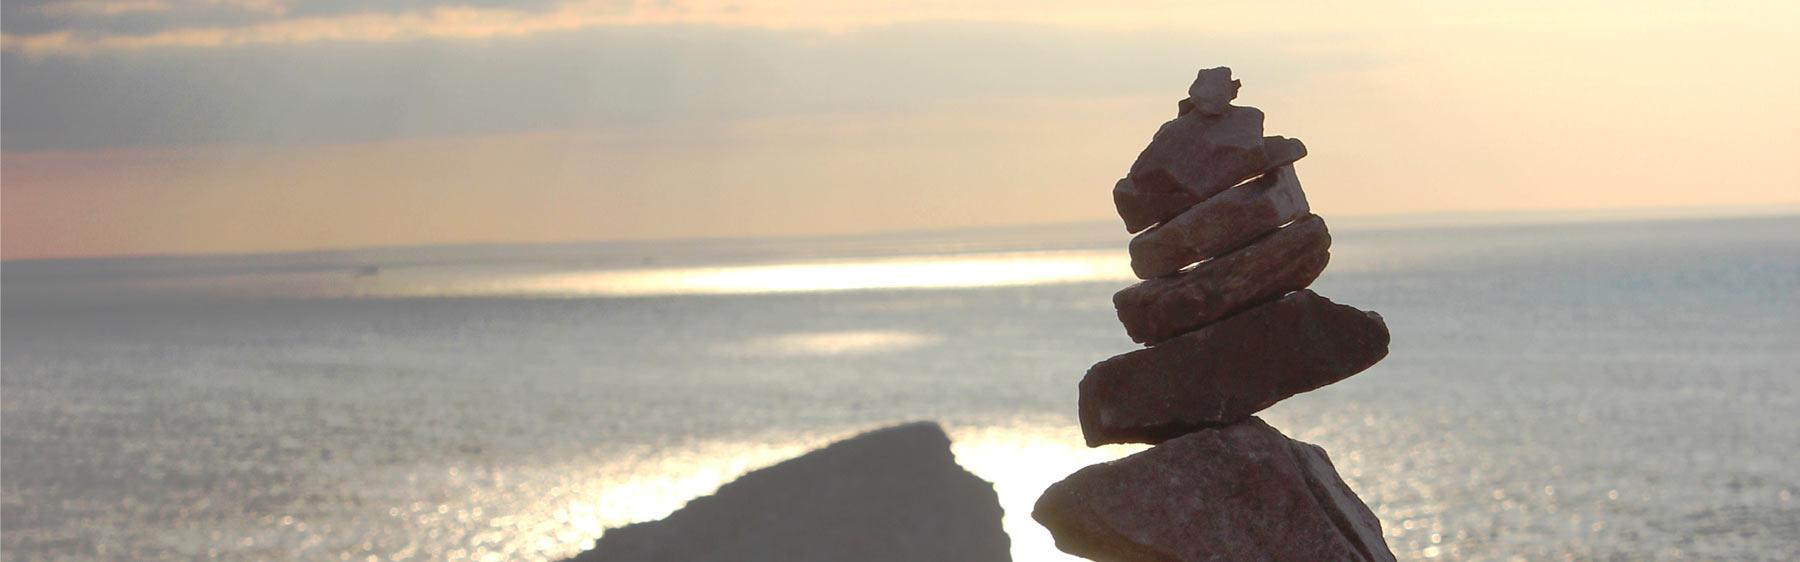 Equilibre et harmonie